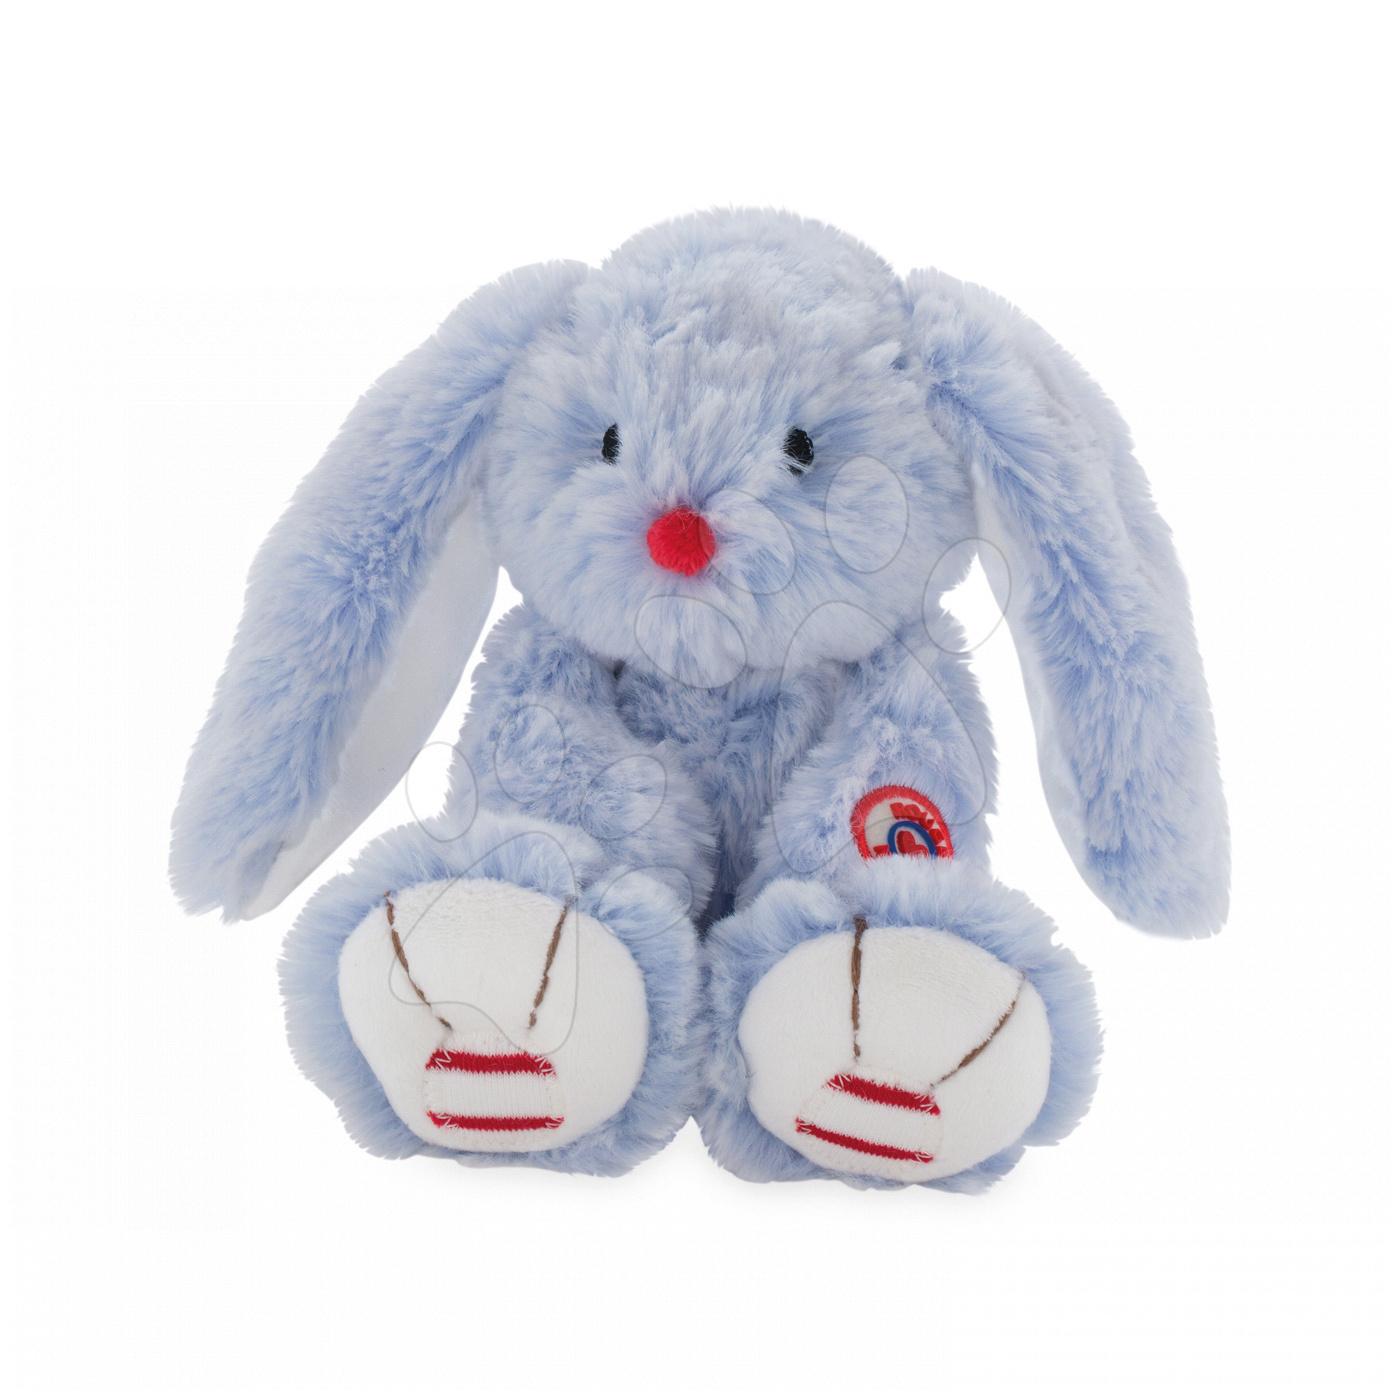 Hračky pro miminka - Plyšový zajíc Rouge Kaloo Small 19 cm z jemného plyše modro-krémový